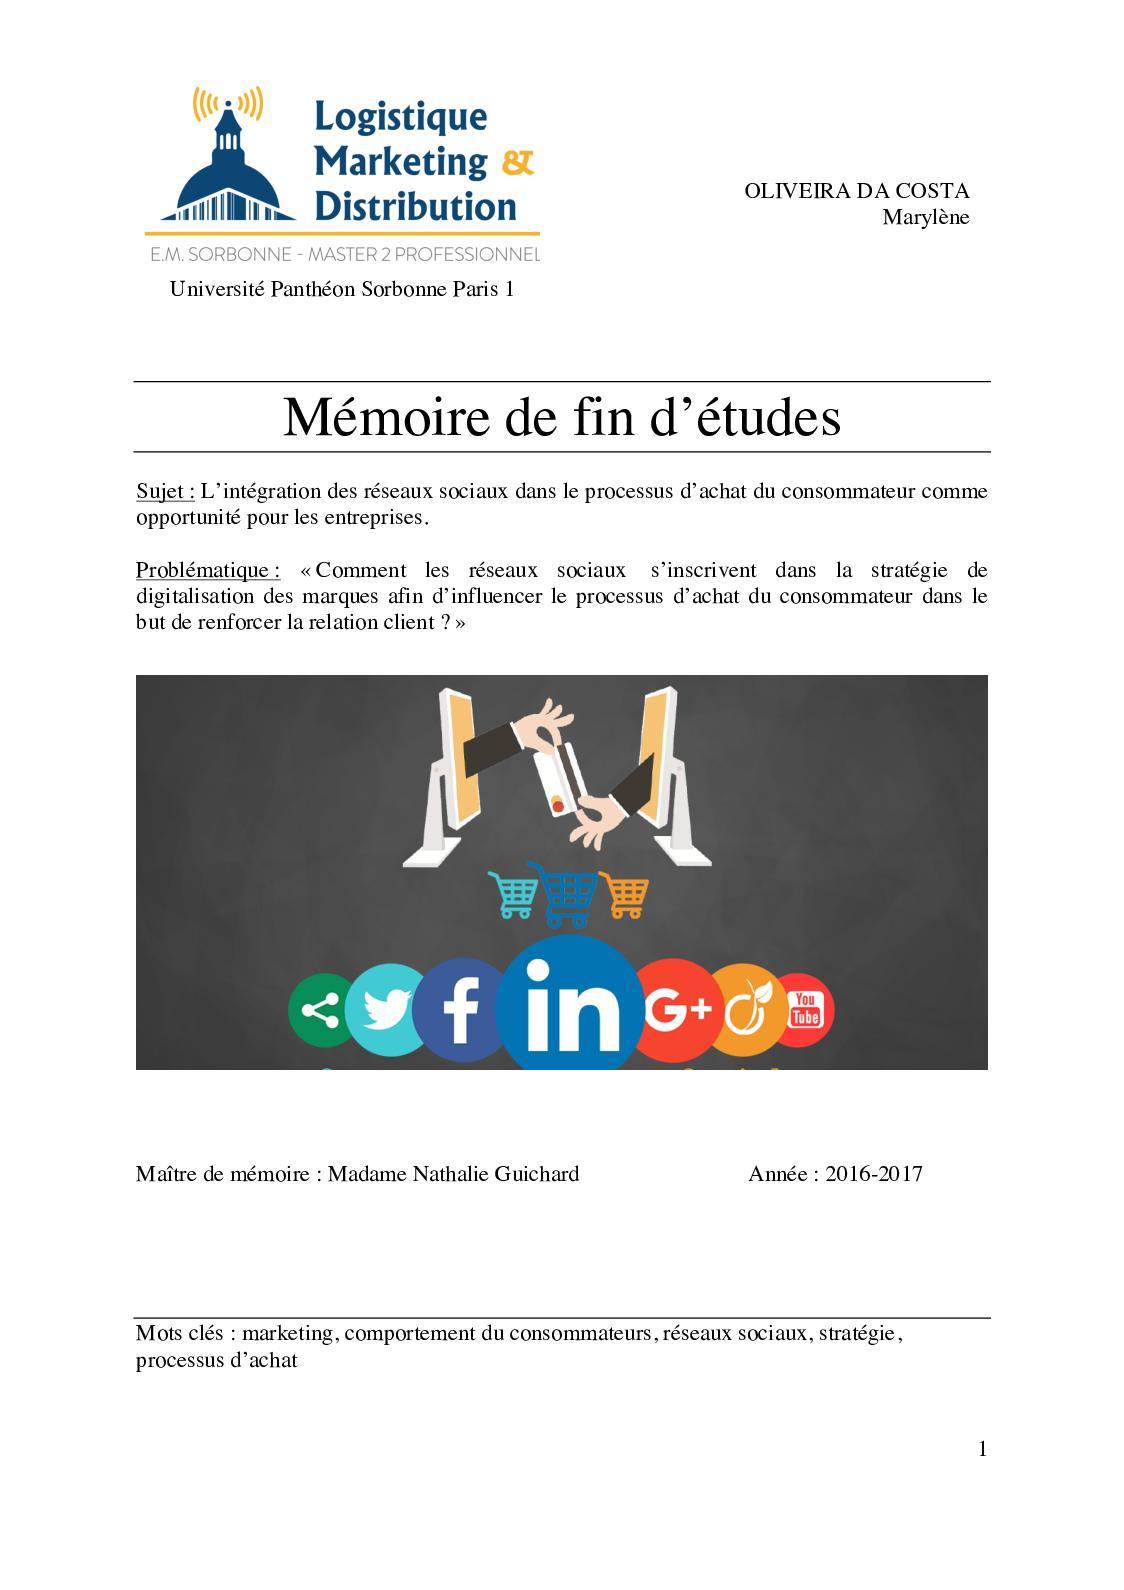 Masterlmd P19 Memoire 2017 Oliveira Marylene